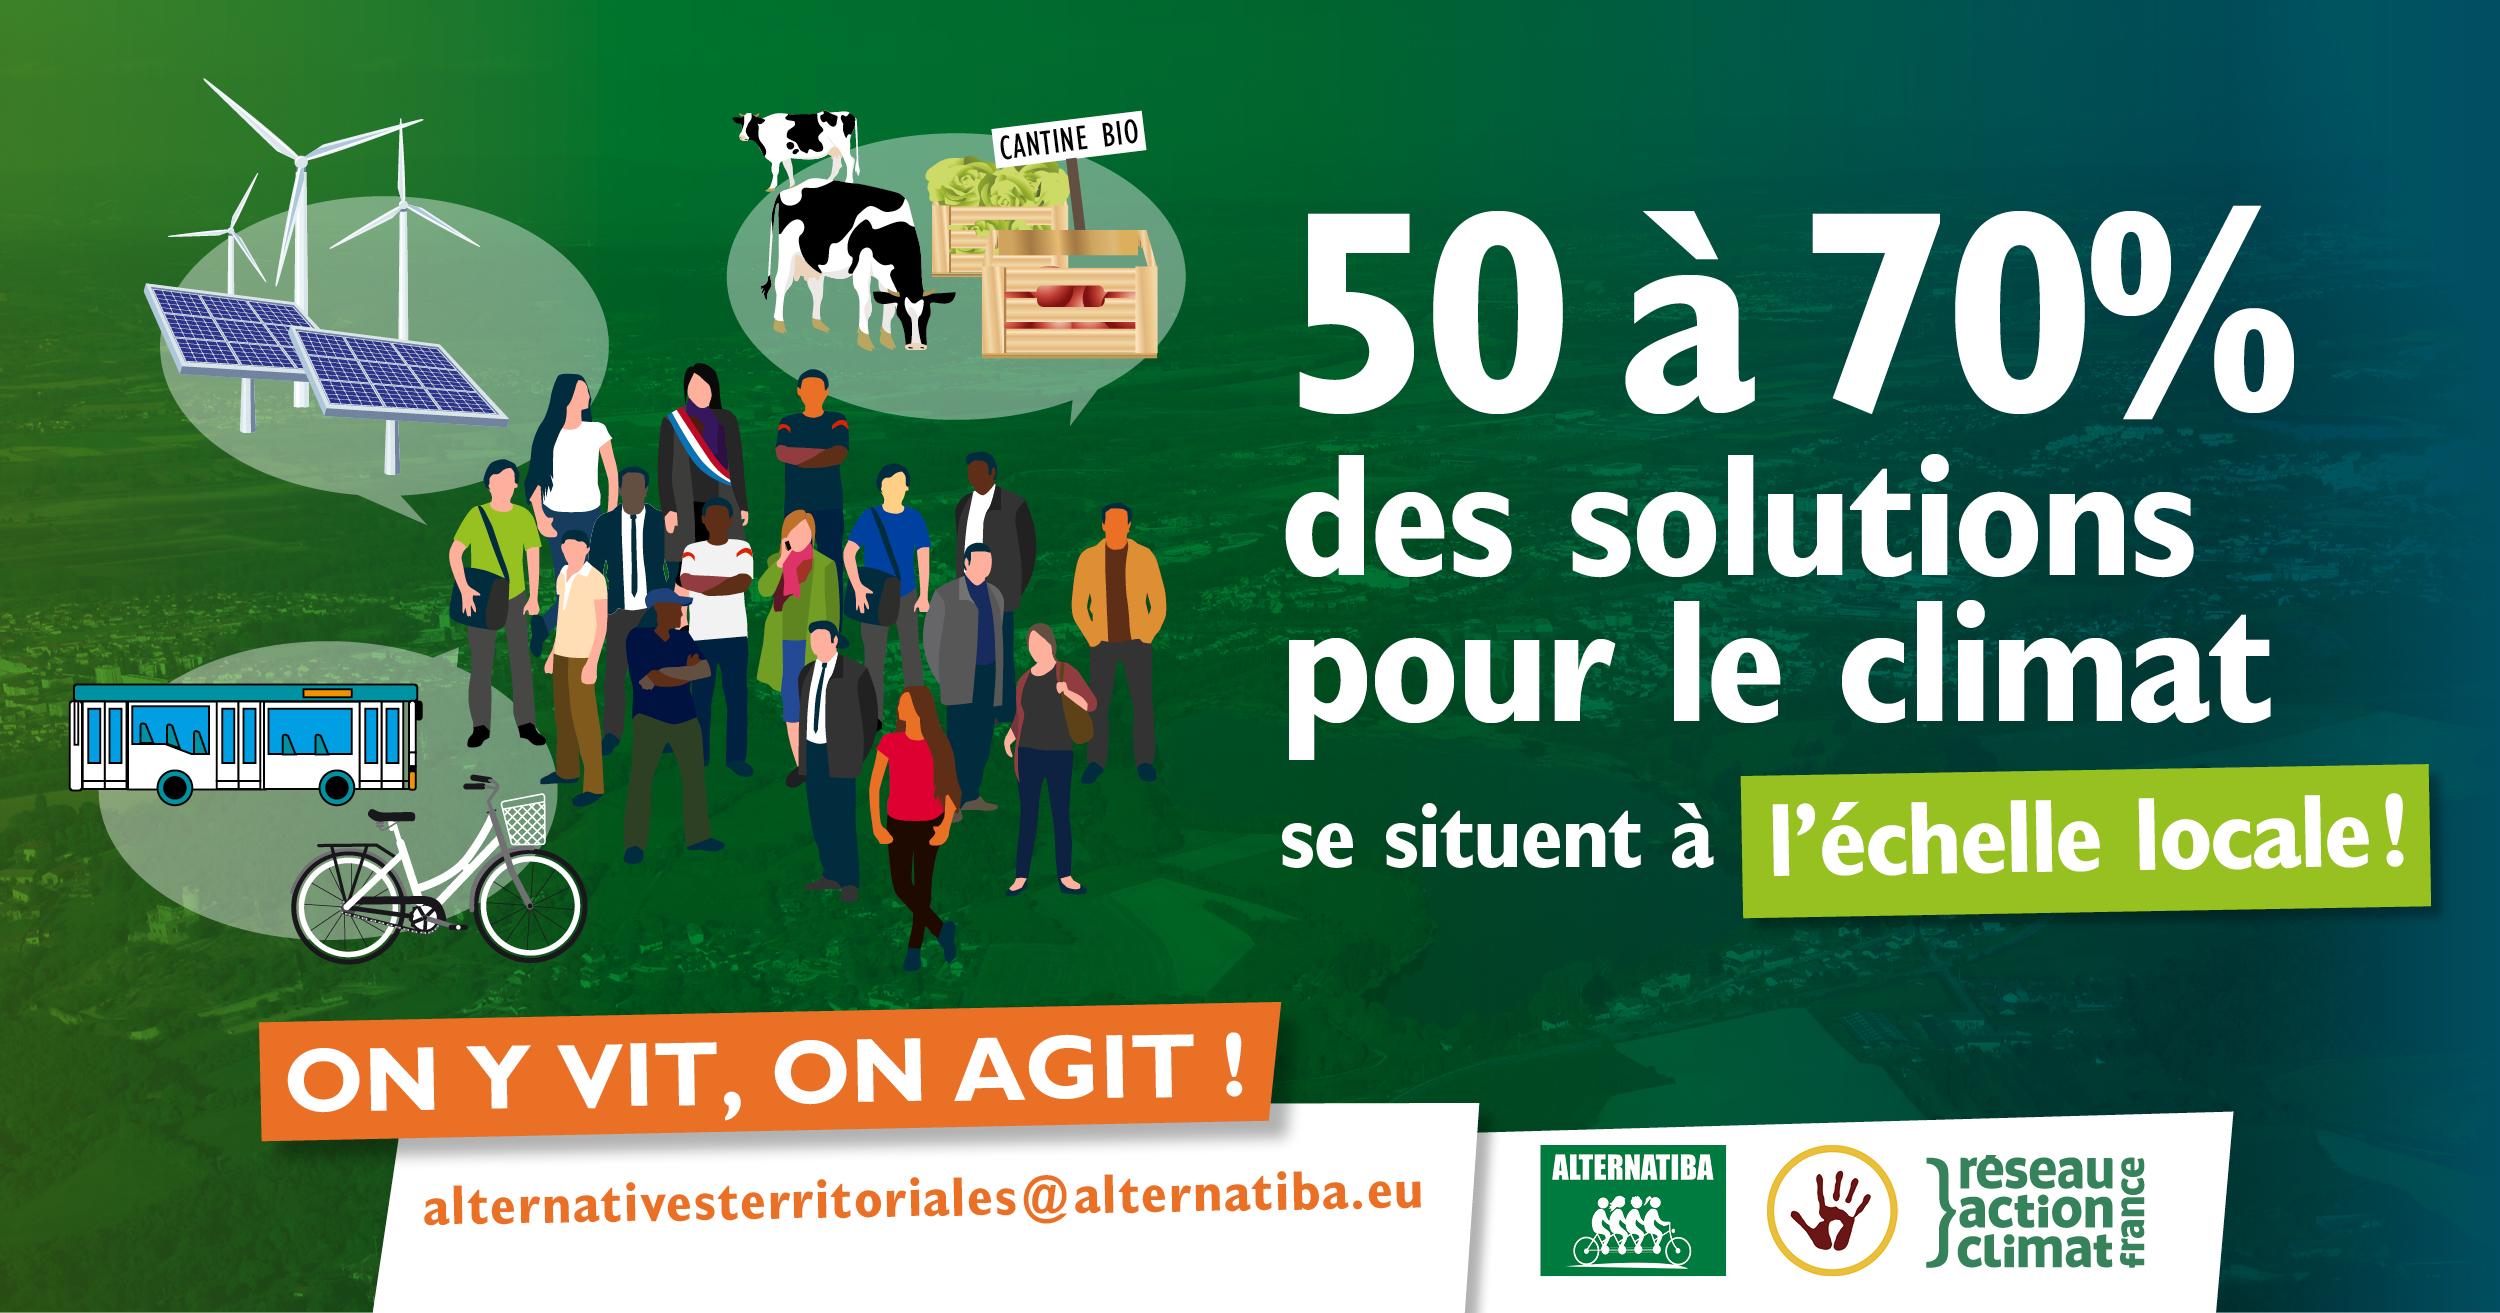 50 à 70% des solutions pour le climat se situent à l'échelle locale !